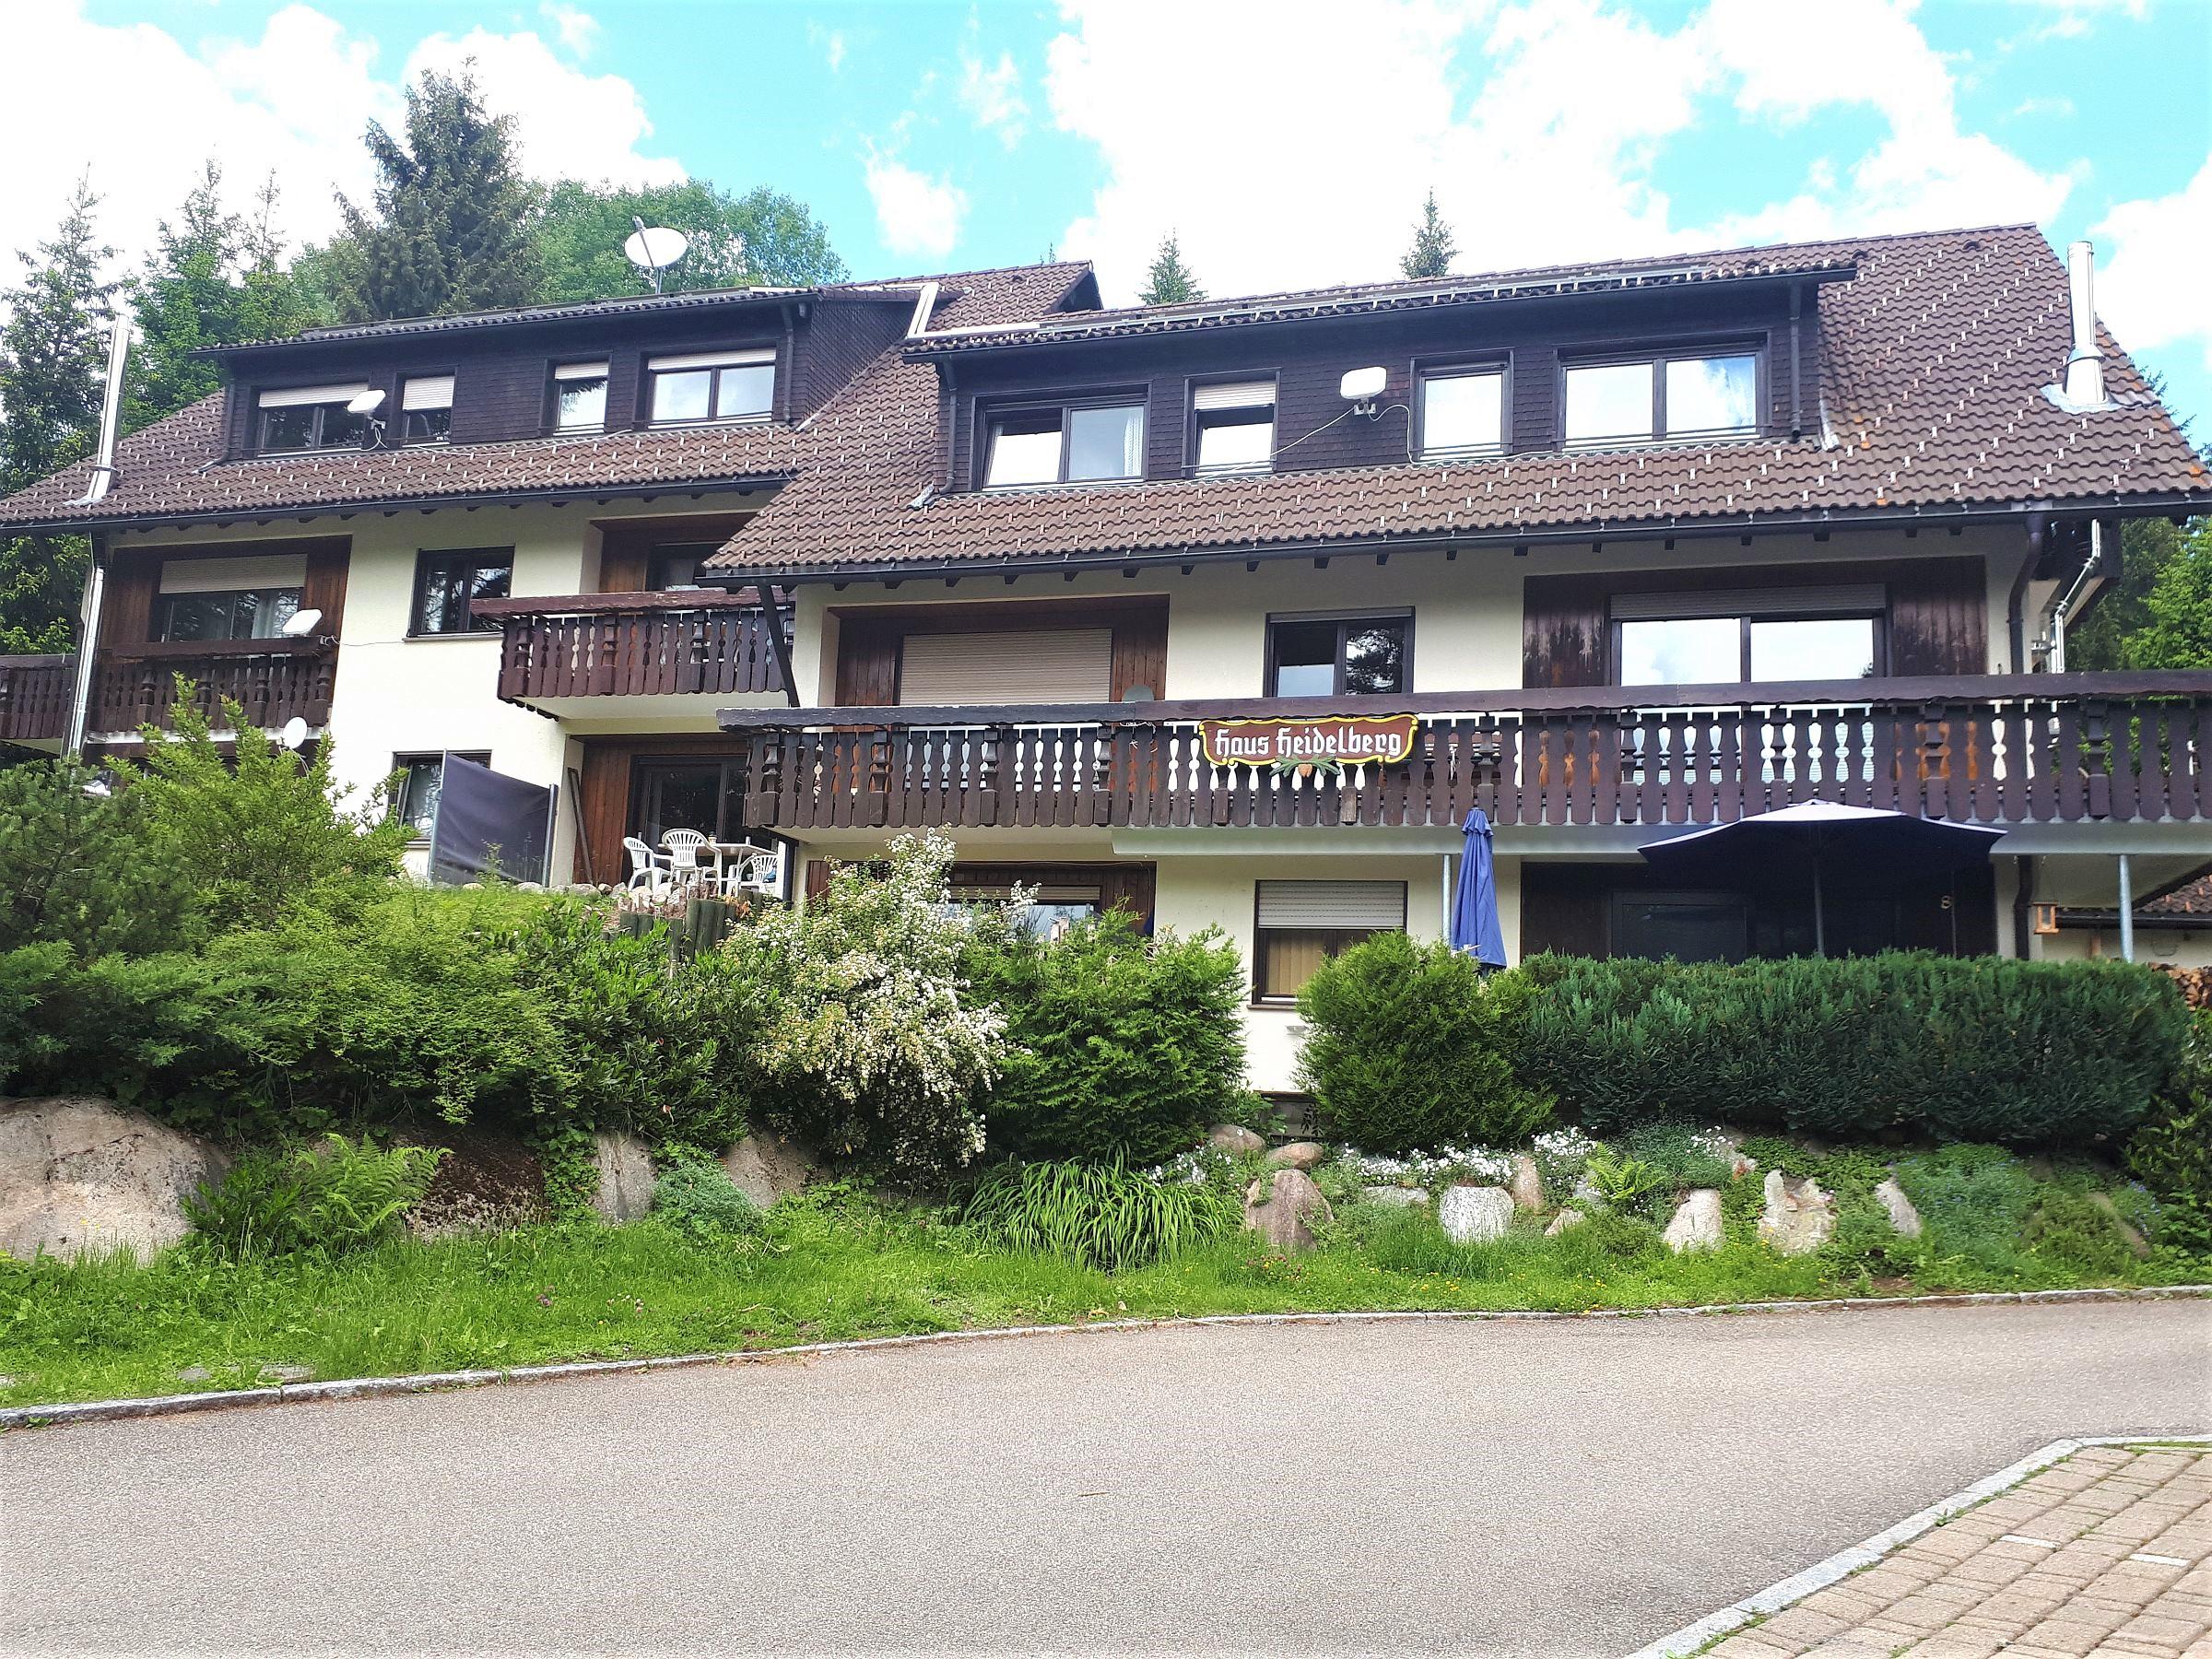 Haus Heidelberg, (Feldberg). Appartement 12, 55qm, Ferienwohnung  Schwarzwald